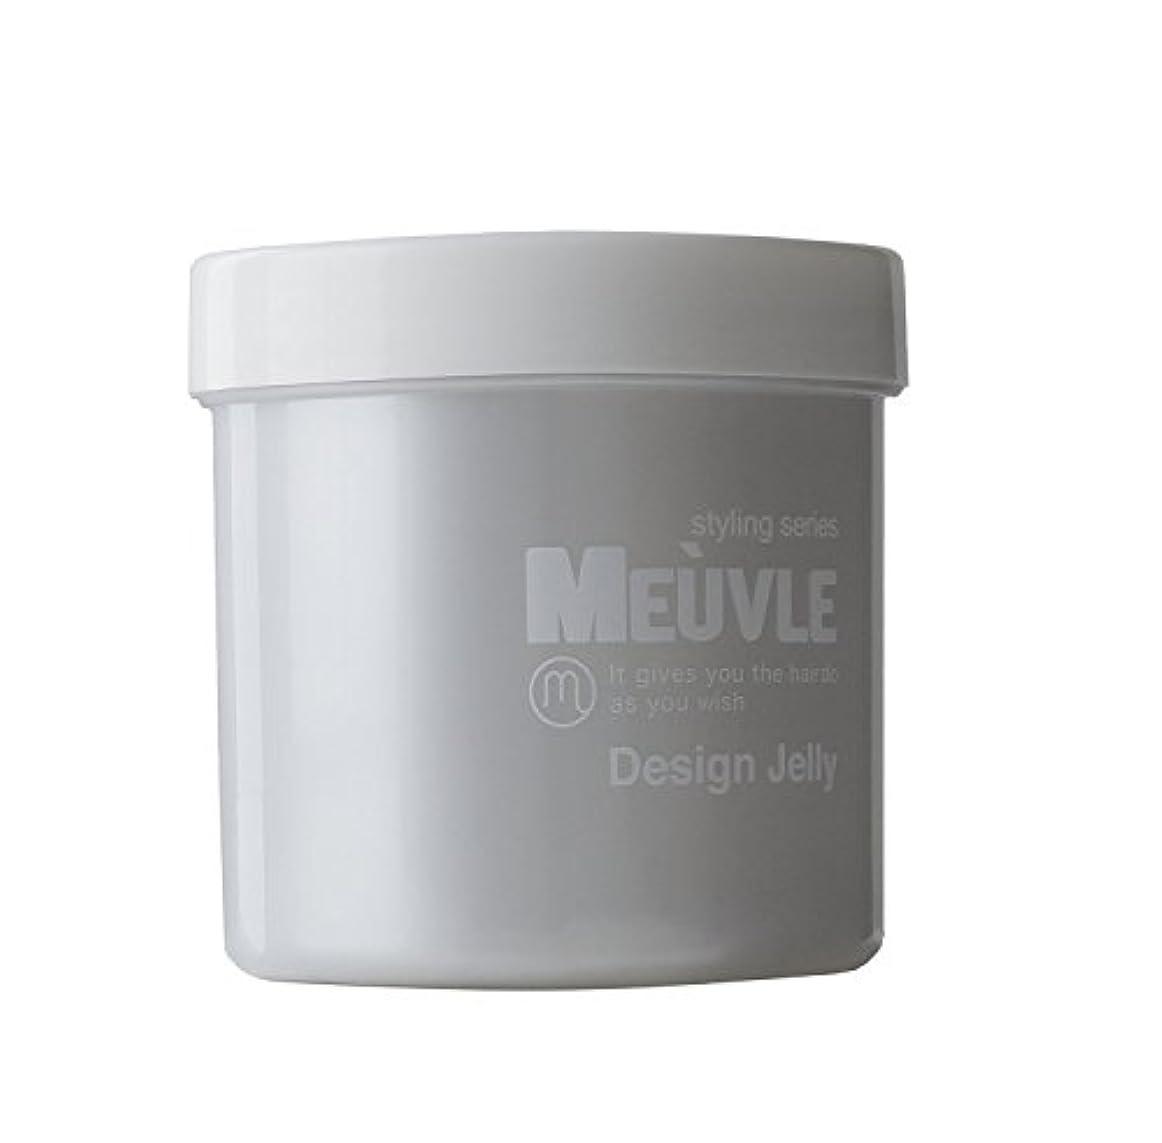 マークダウン援助ロケットMEUVLE ( ミューヴル ) デザインゼリー 300g 限定企画 ミューブル ジェル